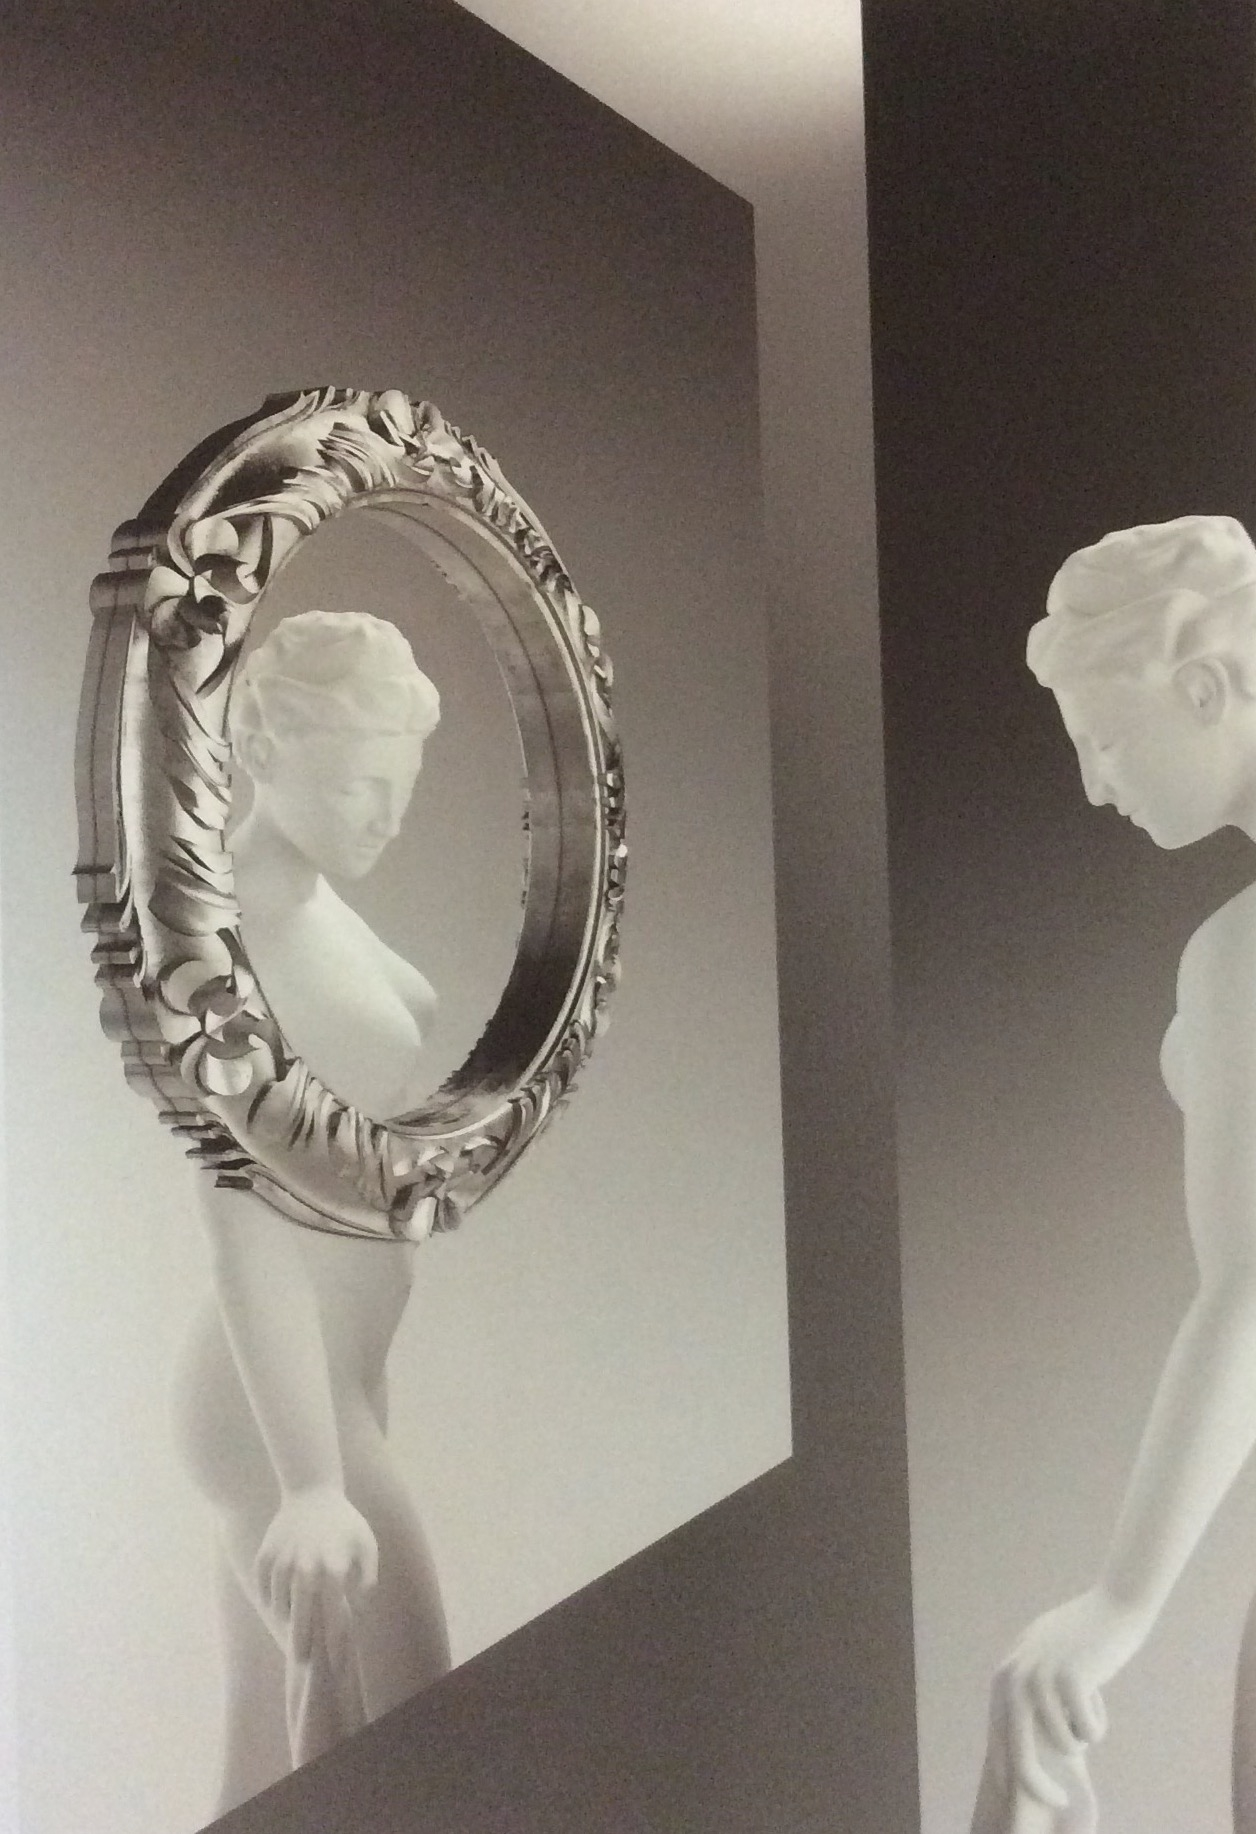 Complemento Fiam Italia Ritratto Design Vetro Specchi ...